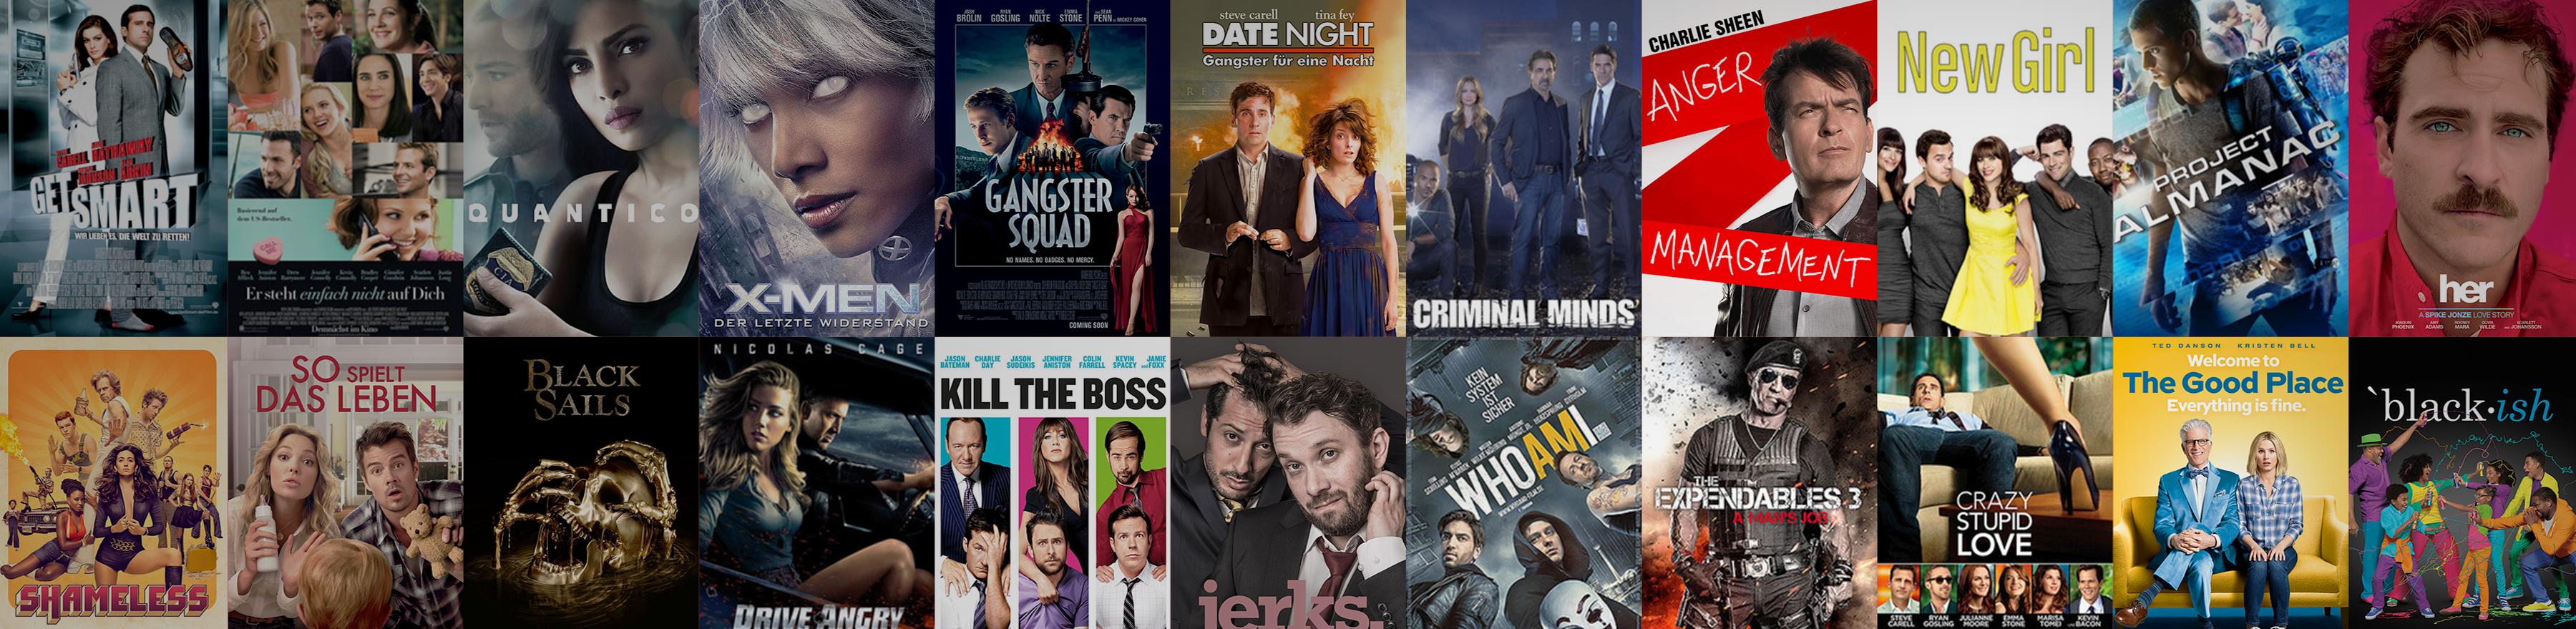 Die besten Serien und Filme ohne Werbeunterbrechung, wann und wo Sie wollen.